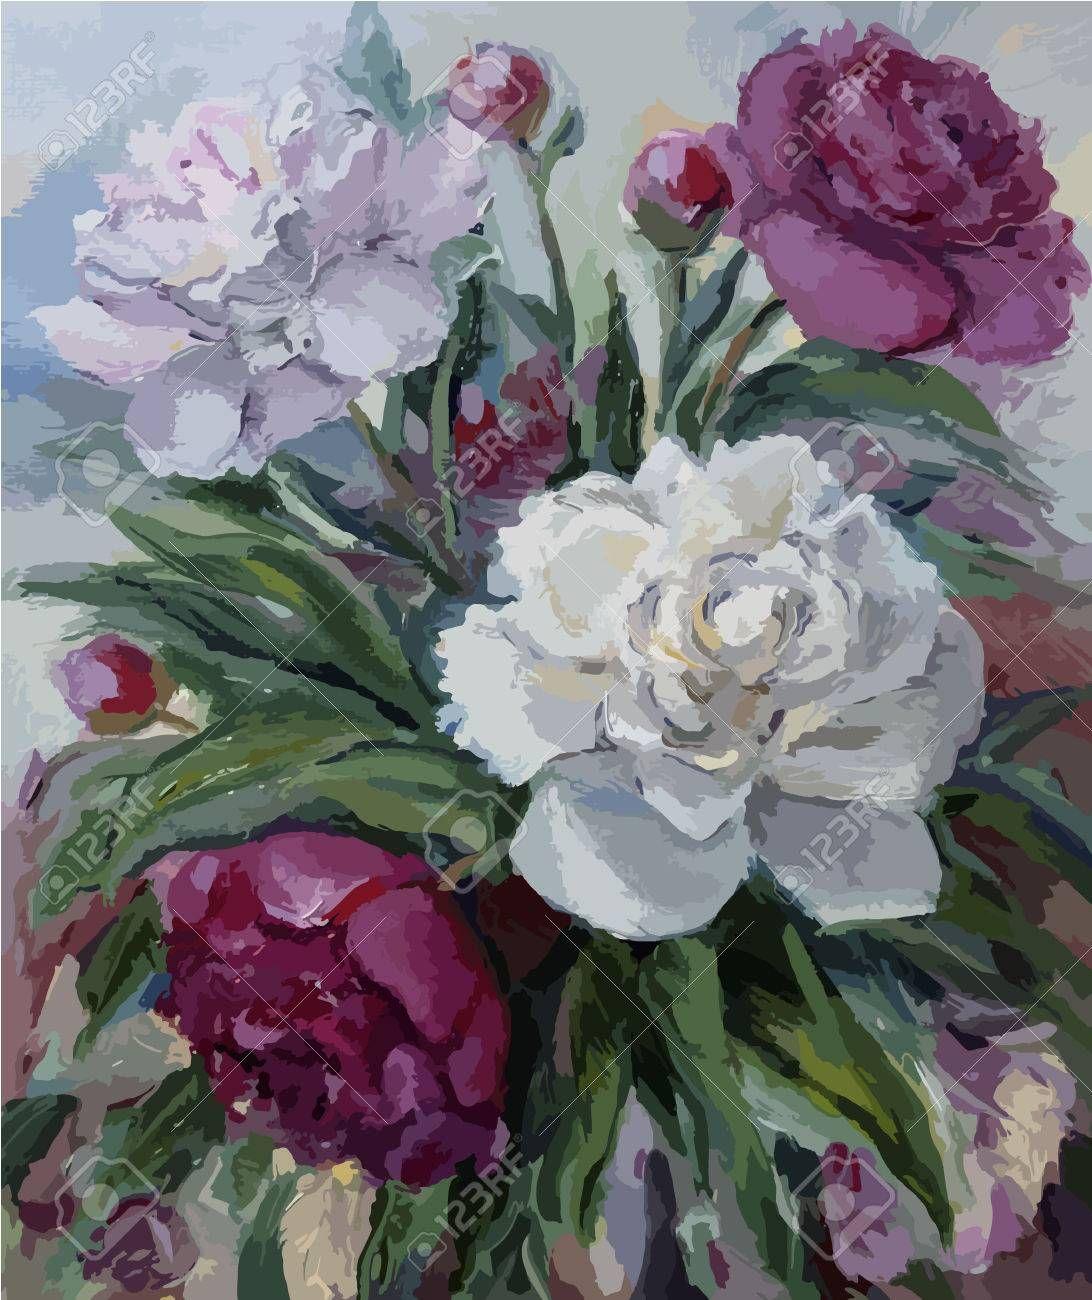 Stock Photo En 2020 Pivoine Peinture Fleurs Et Peinture